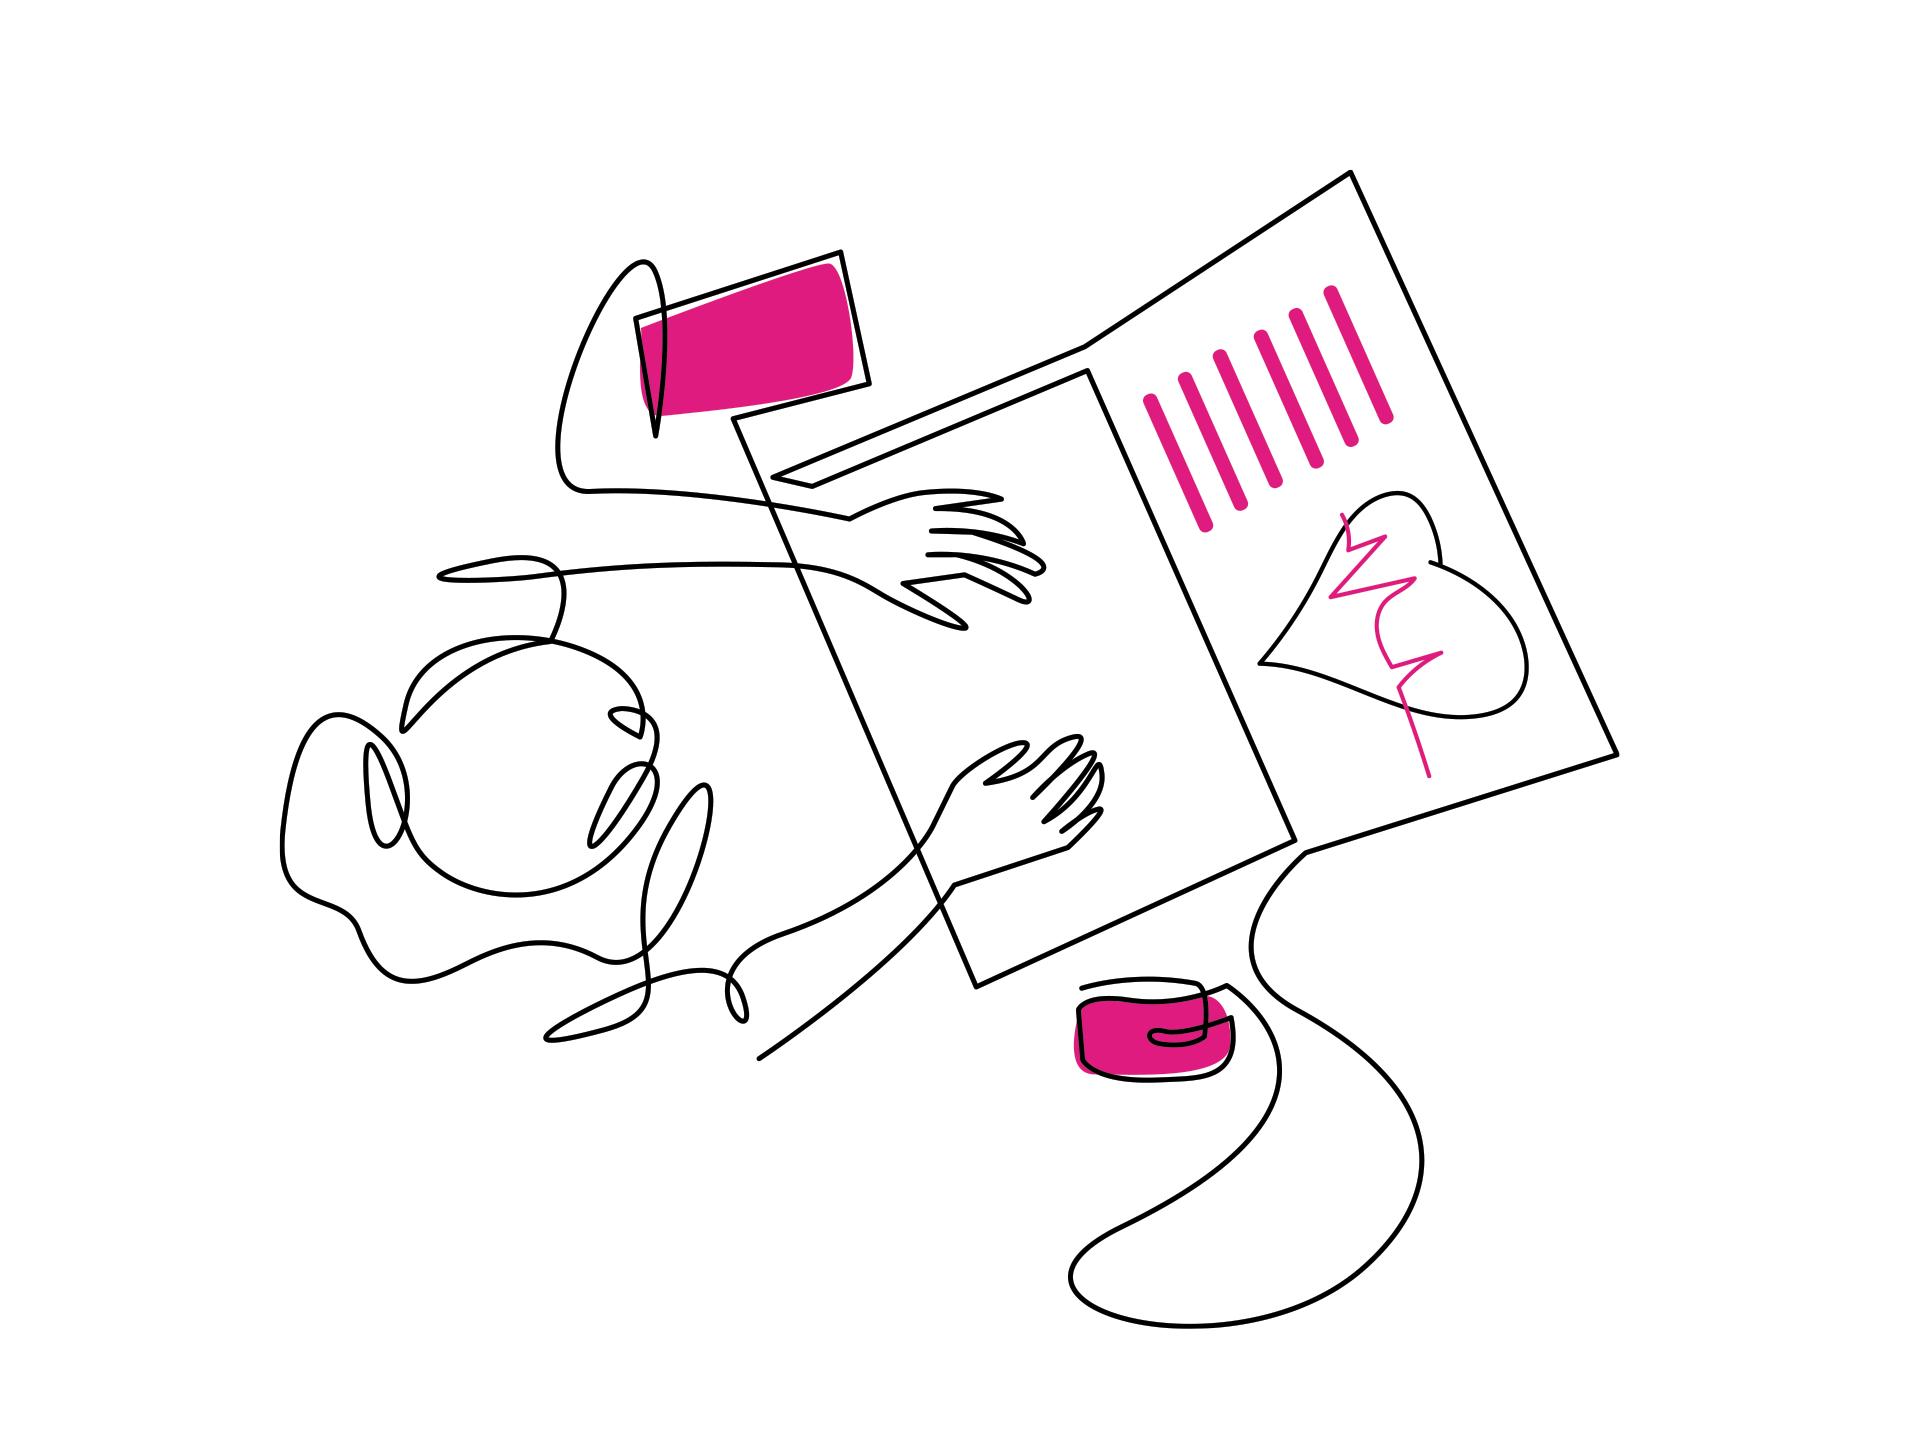 pessoa trabalhando em frente a um computador